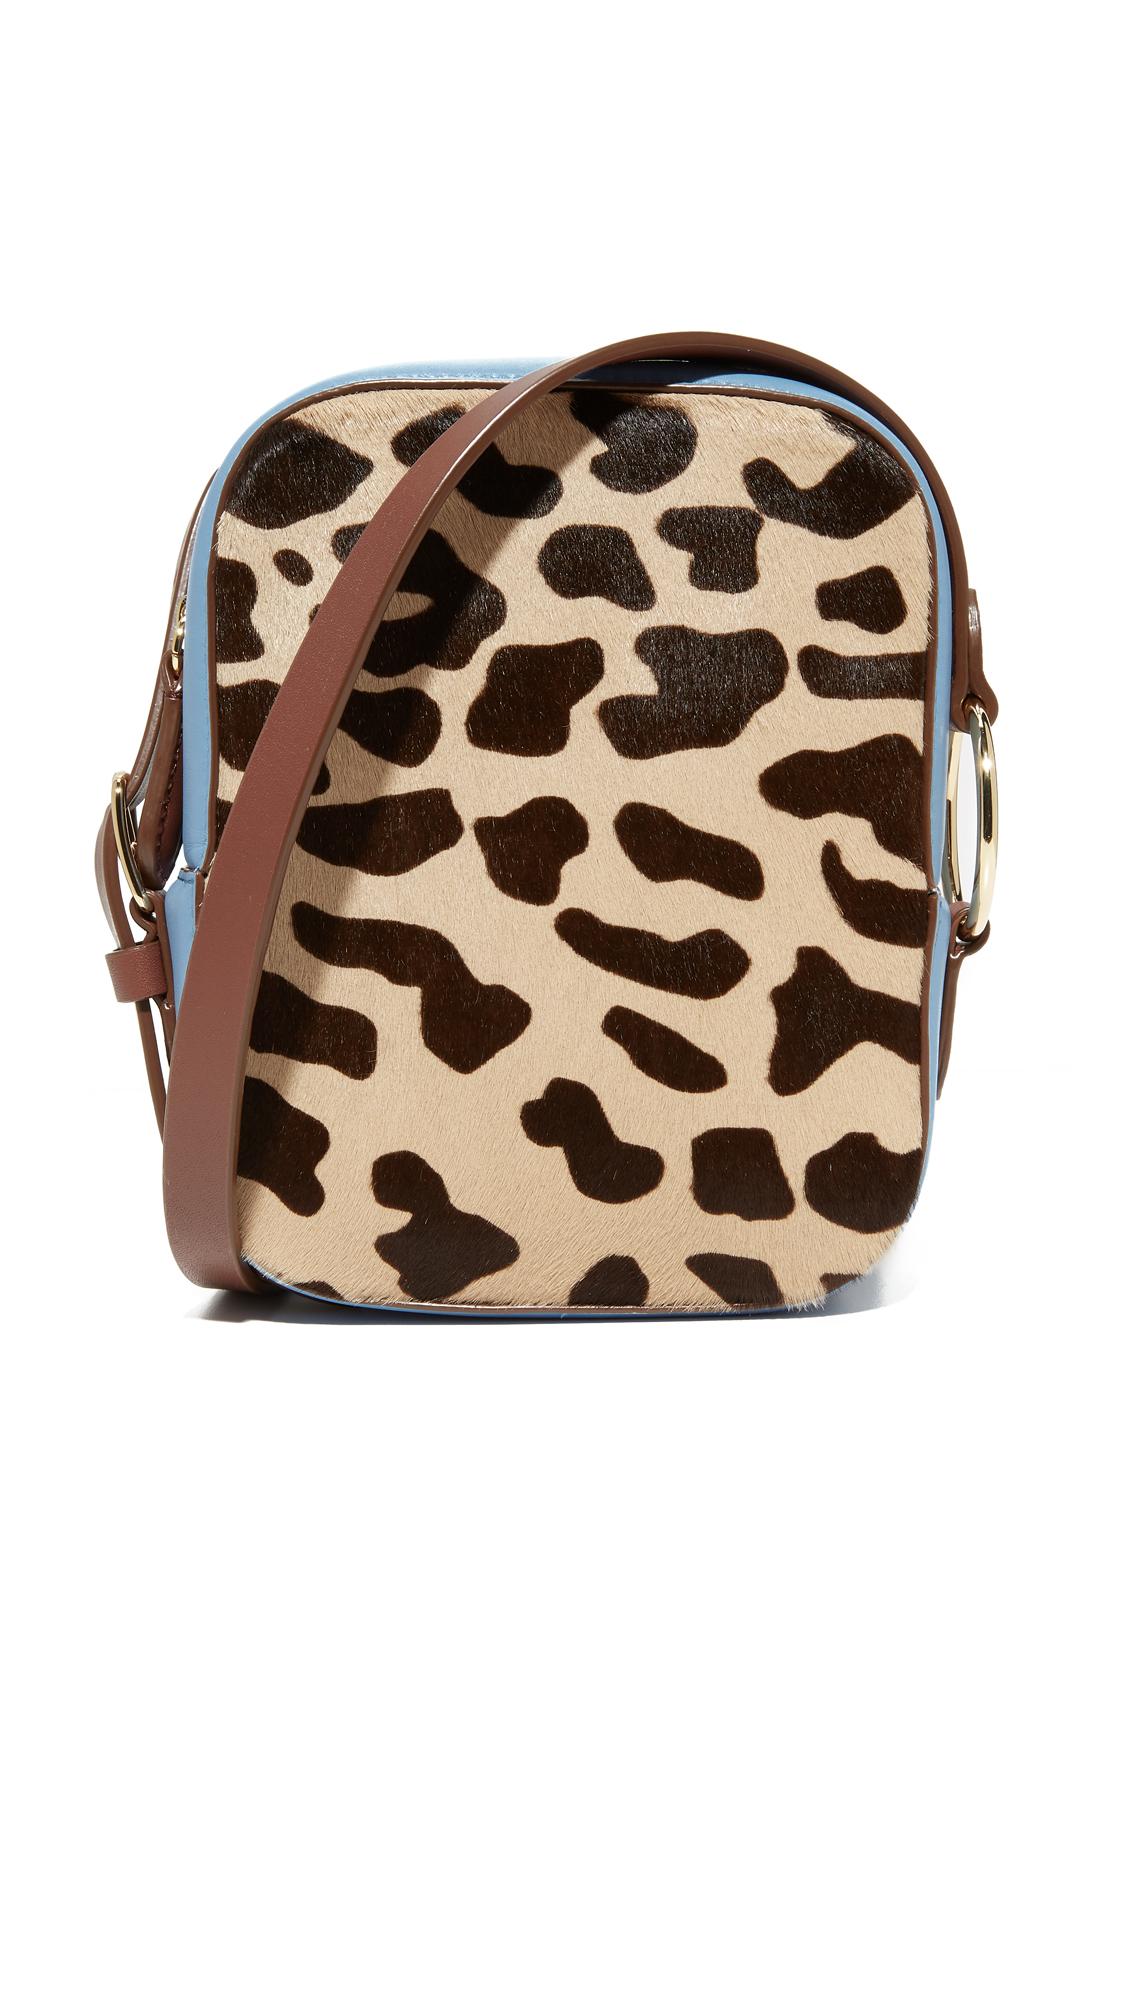 Diane von Furstenberg Camera Bag - Leopard/Powder Blue